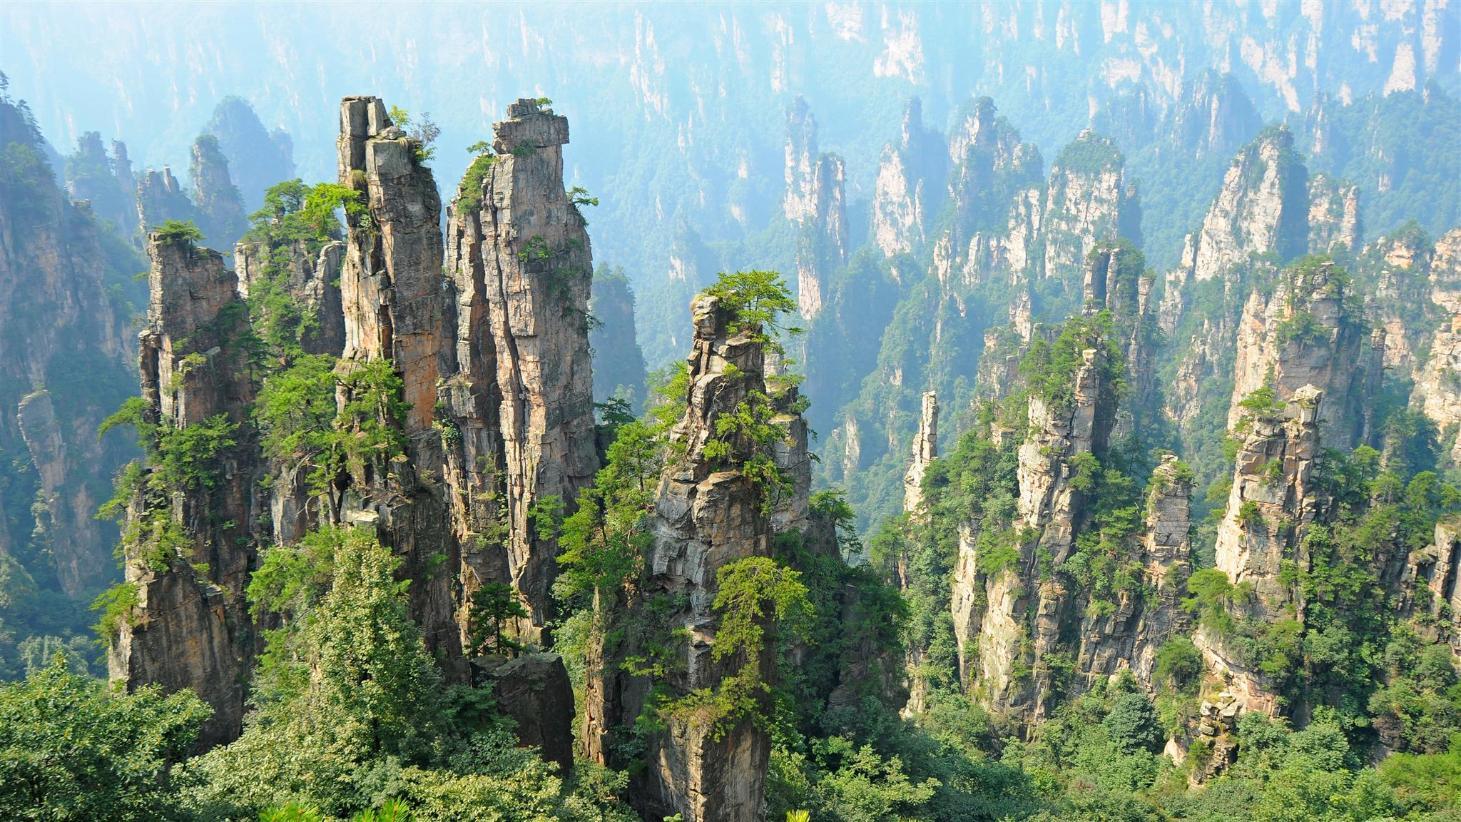 Résultats de recherche d'images pour «Zhangjiajie»